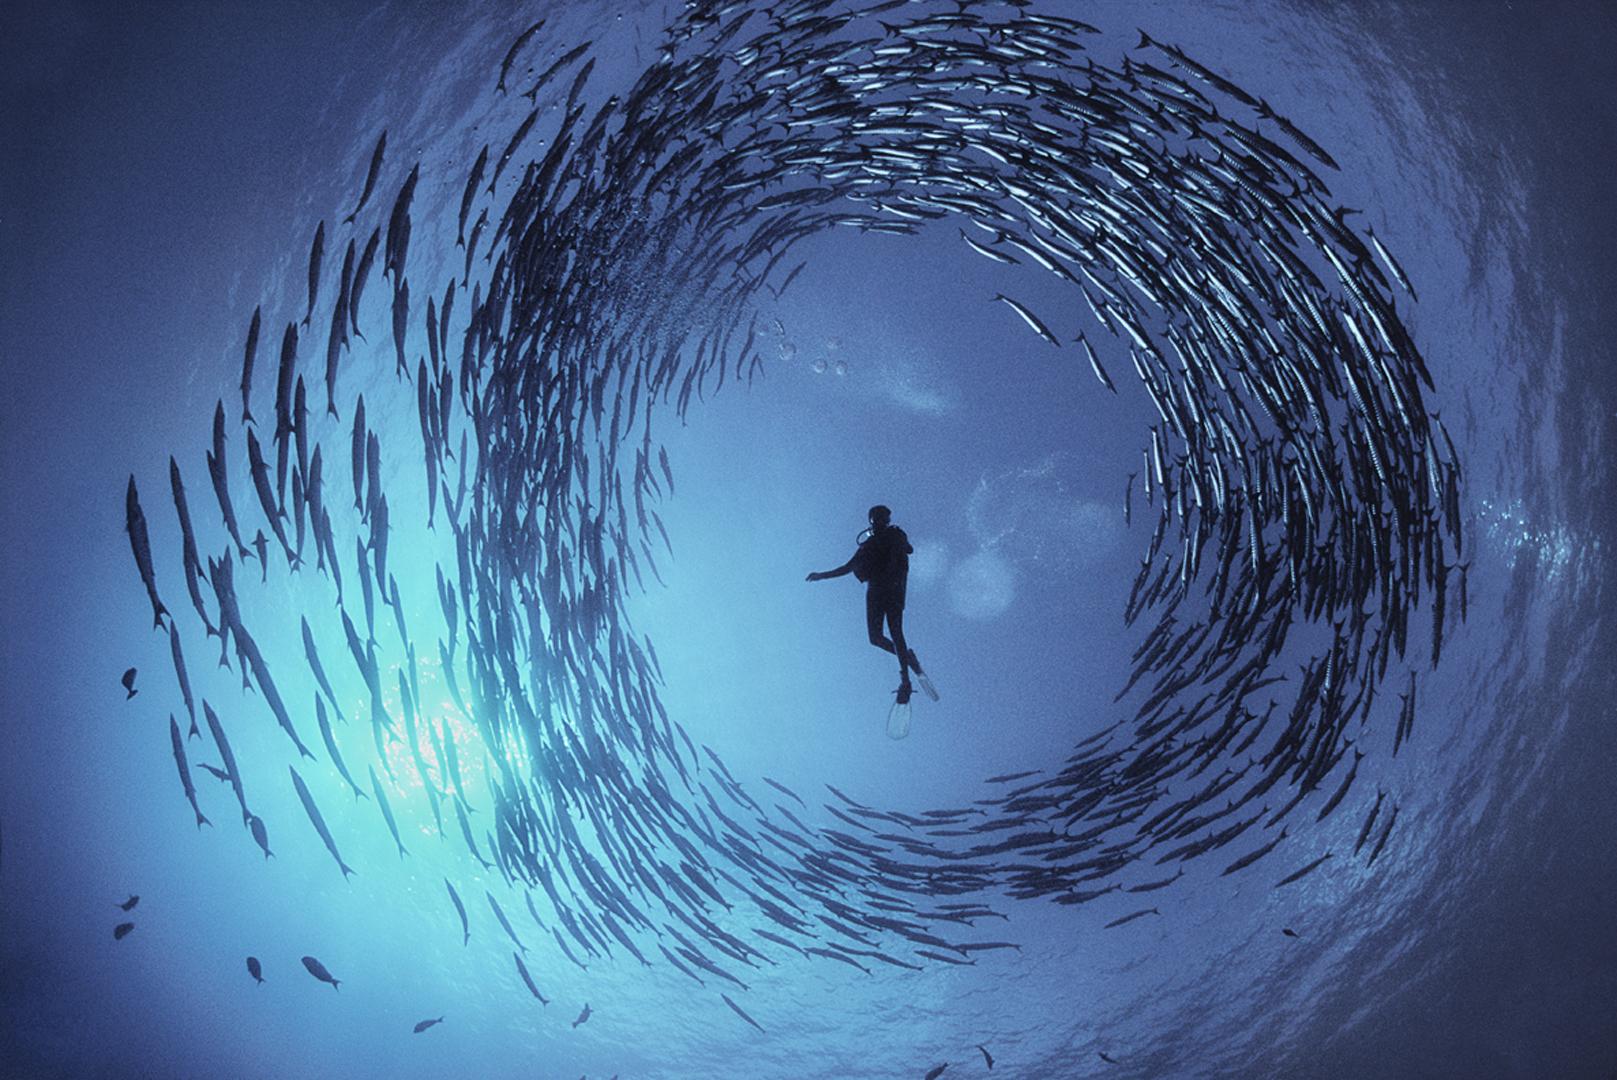 Cercle de barracudas. Un banc de barracudas forme un cercle quasiment parfait autour du plongeur Dinah Halstead en Papouasie-Nouvelle-Guinée. Les barracudas forment souvent ces cercles car il s'agit de leur mécanisme de défense contre les prédateurs. Alors que le jour décline, chaque poisson s'en éloigne et commence à chasser dans les récifs voisins. À l'approche du jour, ils se regrouperont de nouveau. C'est un ballet dans la mer.